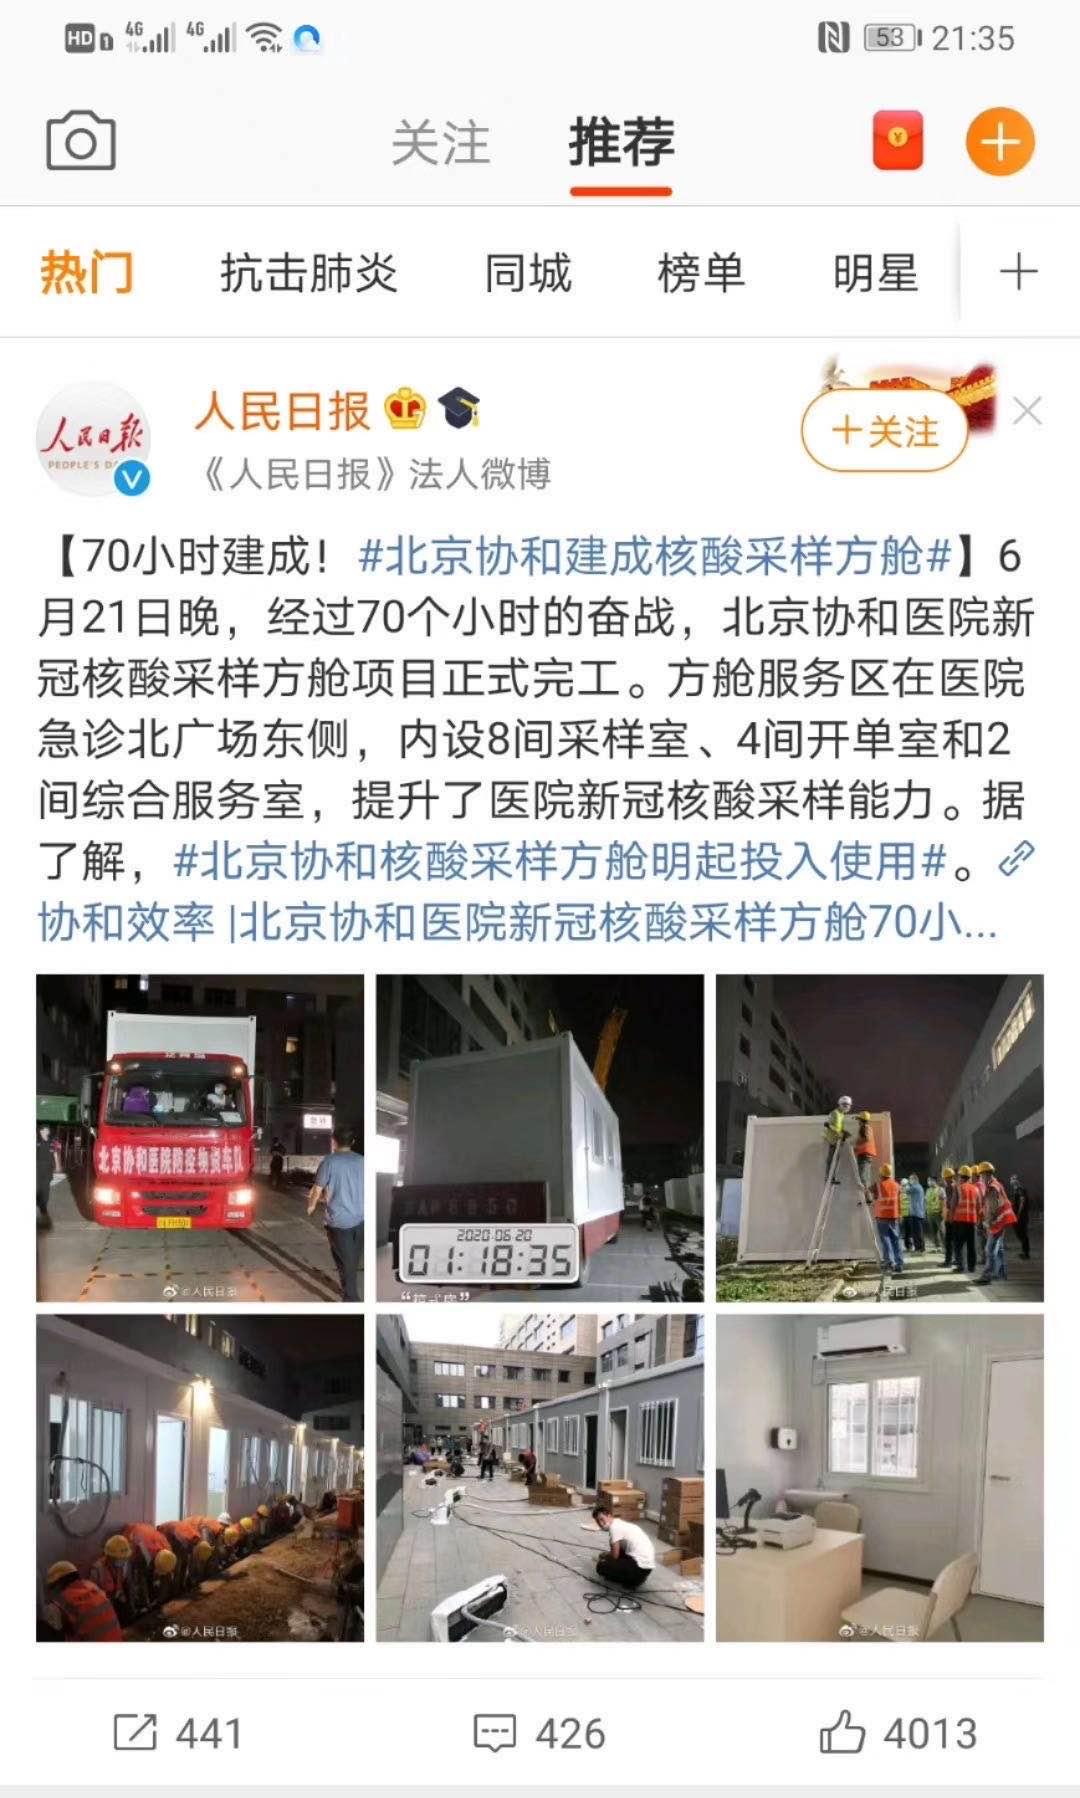 北京协和医院新冠核酸采样方舱项目投入使用,全部使用海信空调!